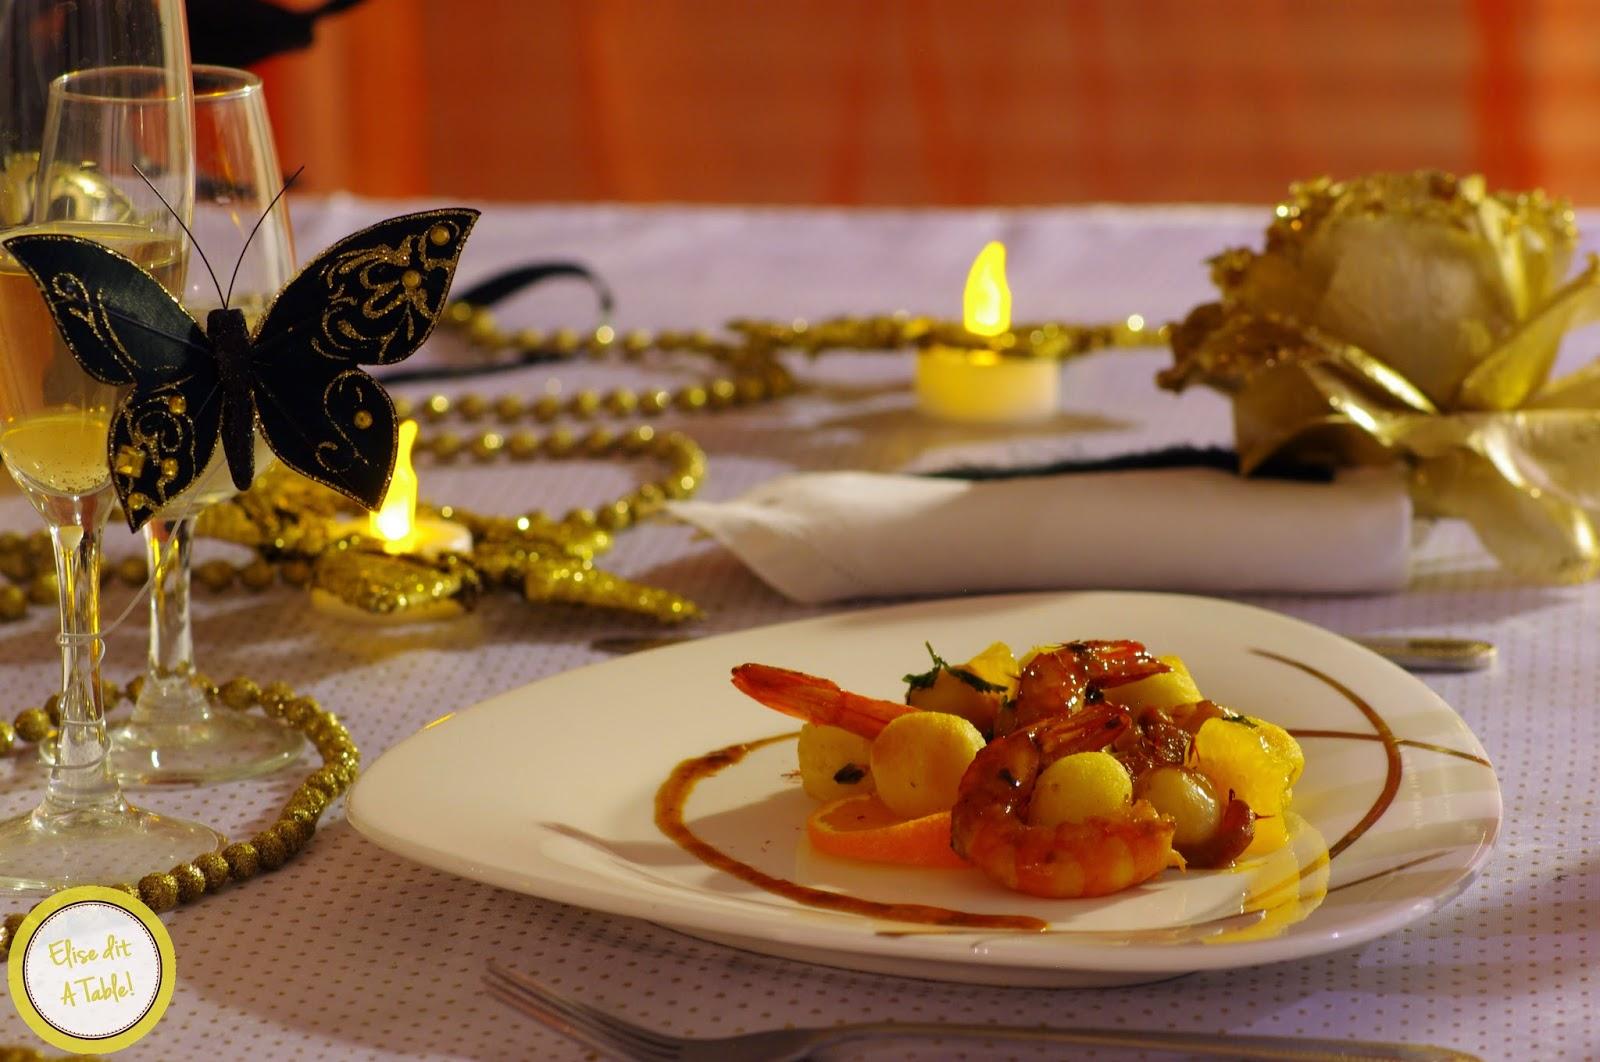 #B29D19 La Décoration De Table De Noël Elise Dit à Table Blog  6155 decoration de table de noel 2014 1600x1062 px @ aertt.com